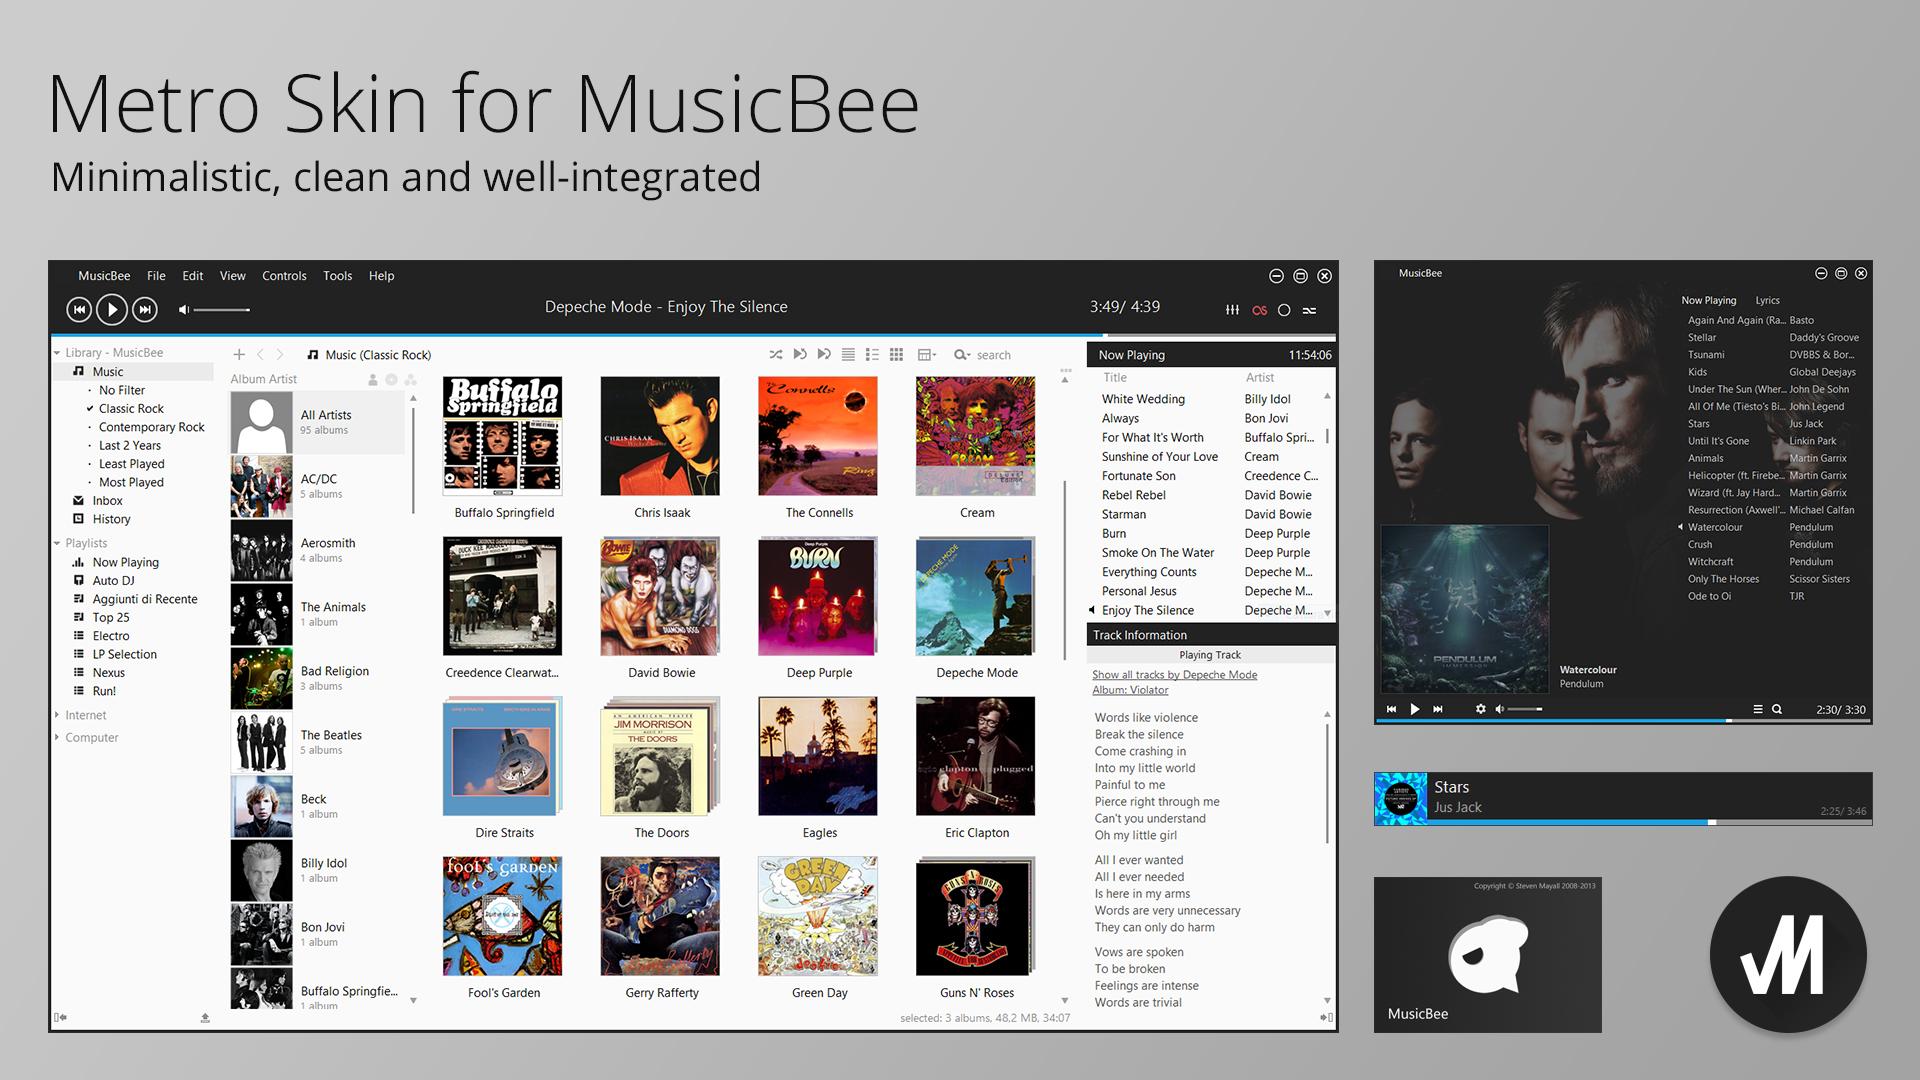 Metro Skin for MusicBee Media Player by JMoss90 on DeviantArt